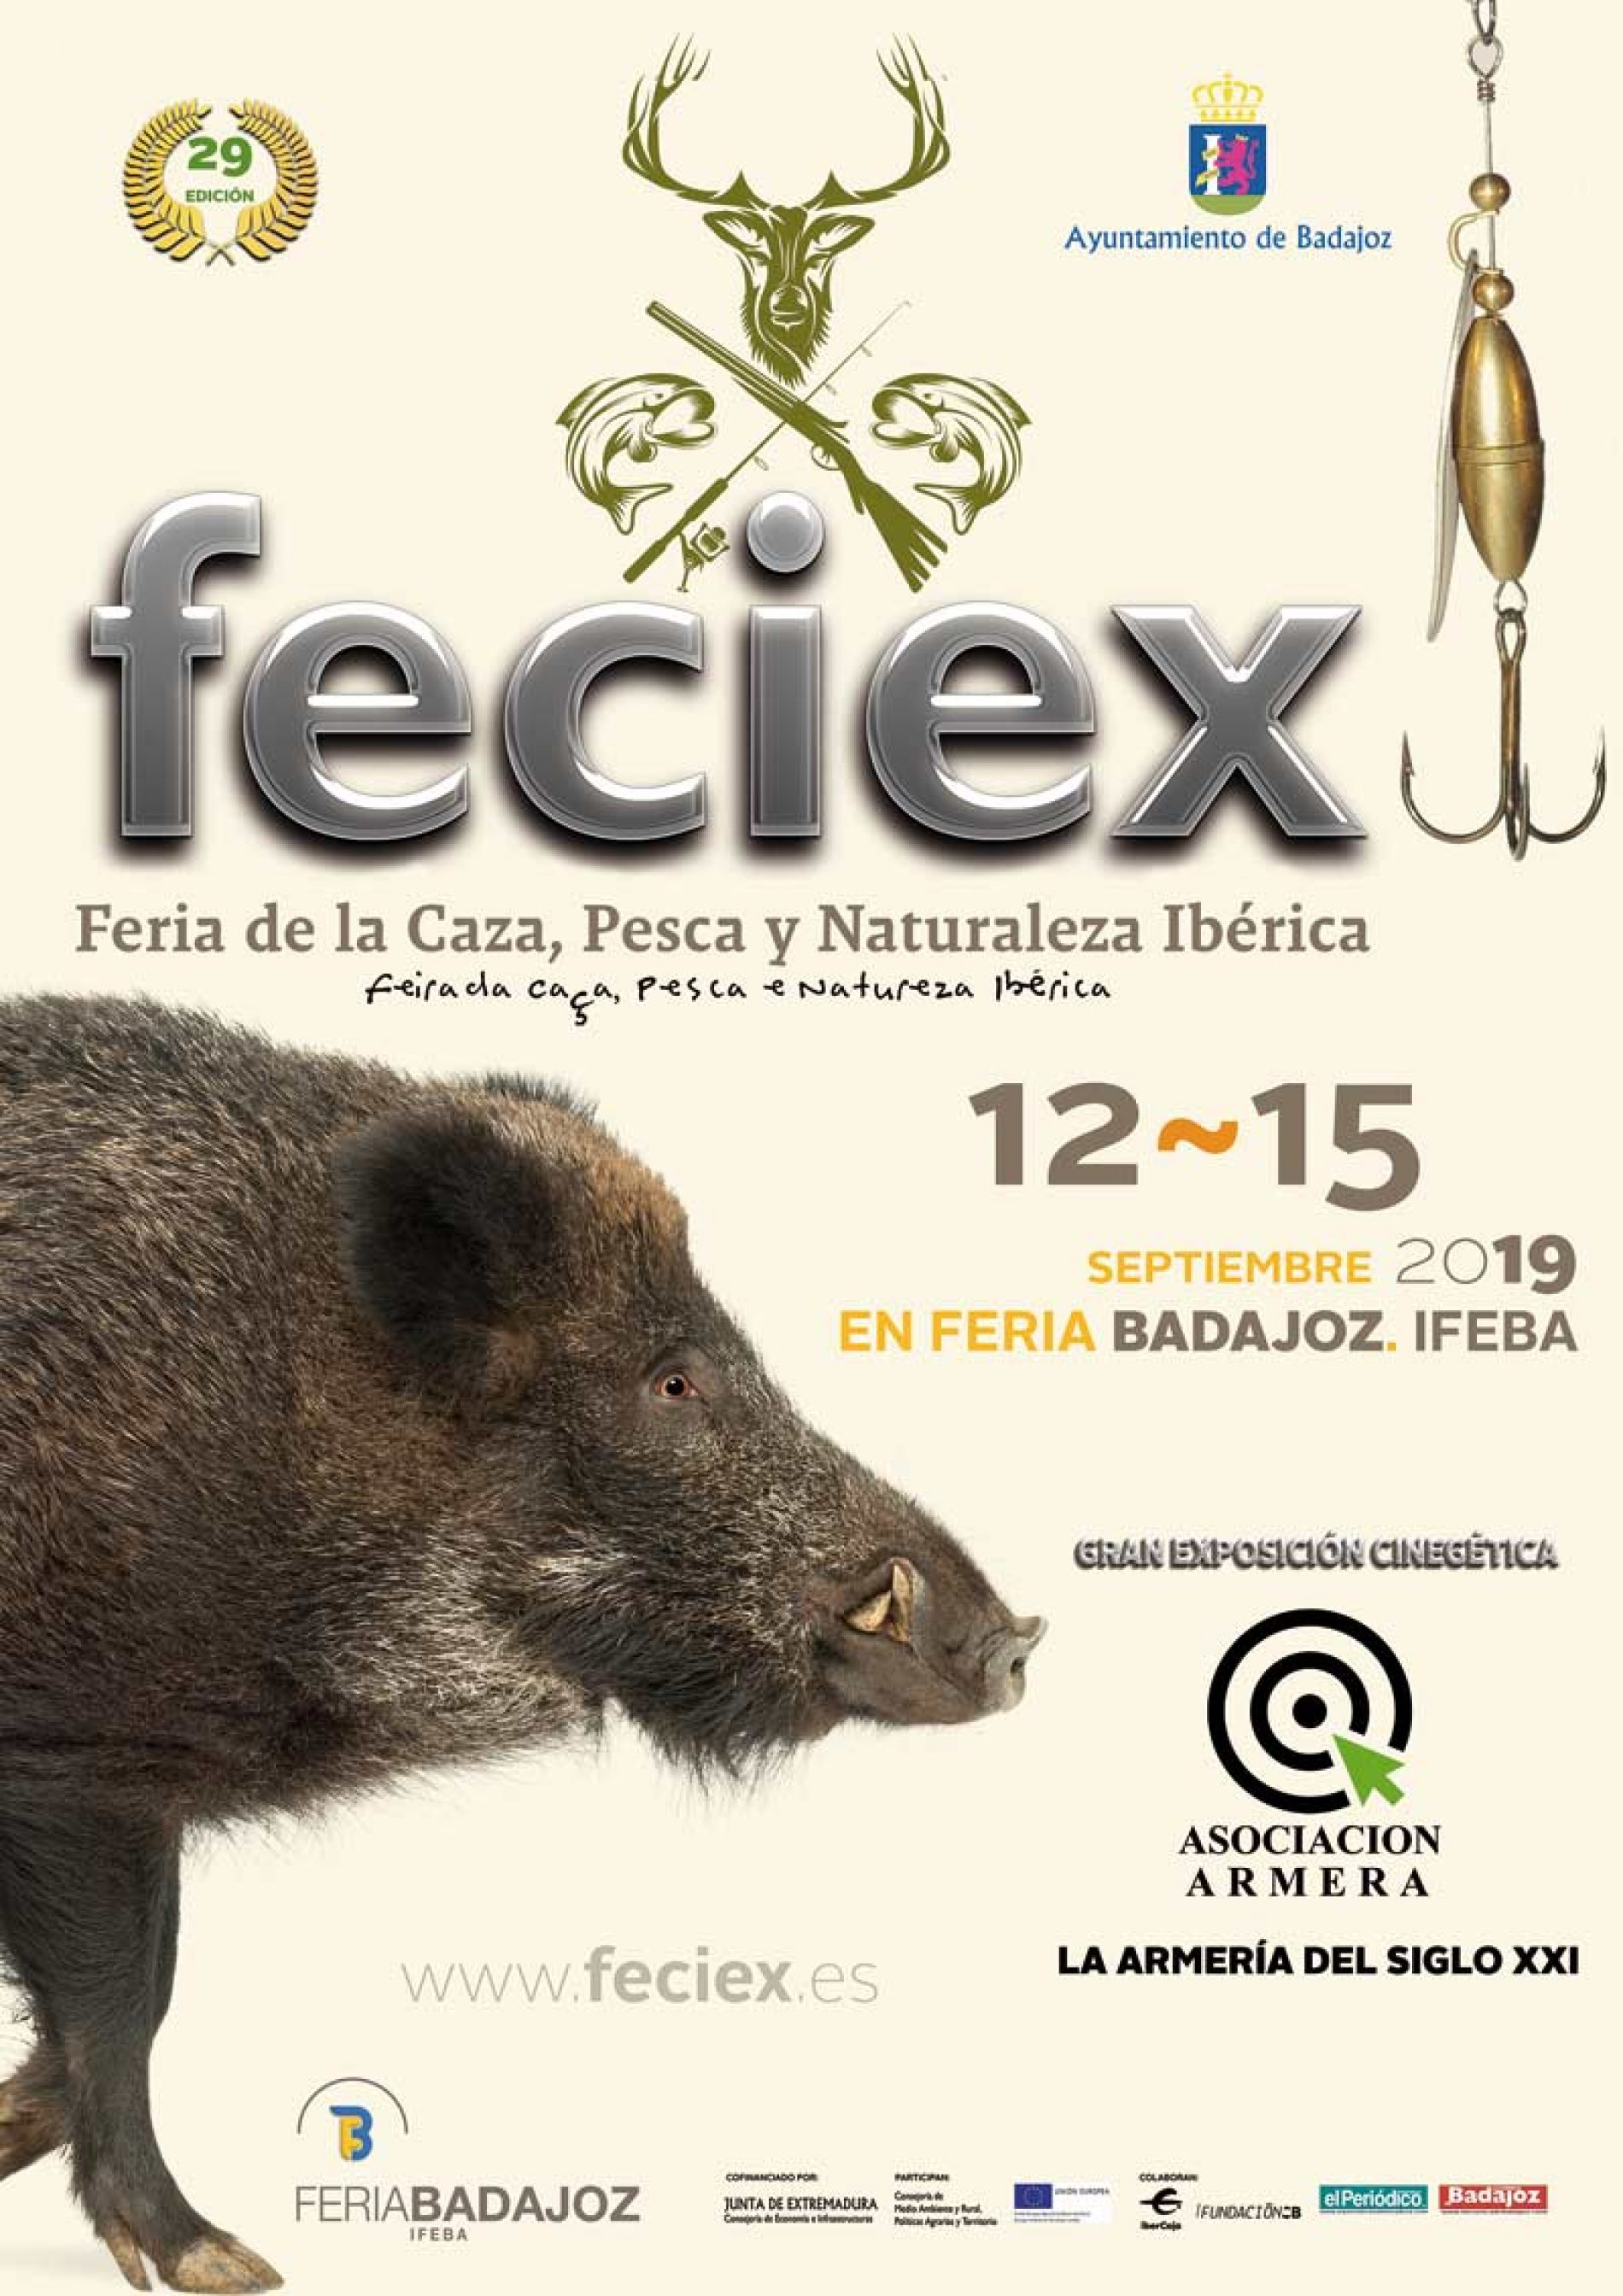 Un año más Feciex, Feria de la Caza, Pesca y Naturaleza Ibérica